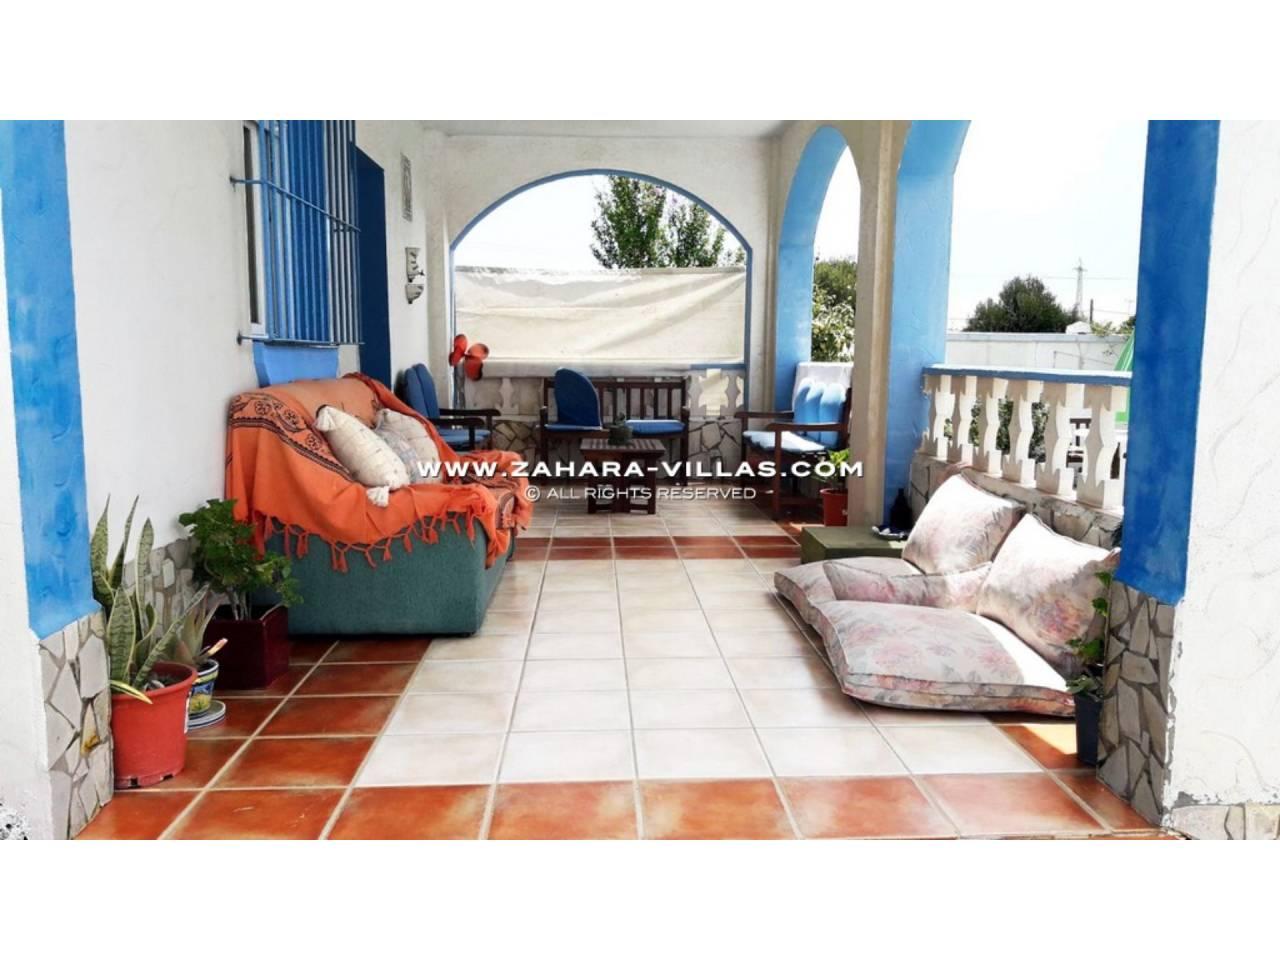 Imagen 2 de Estupendo chalet en venta en Zahora, Los Caños de Meca